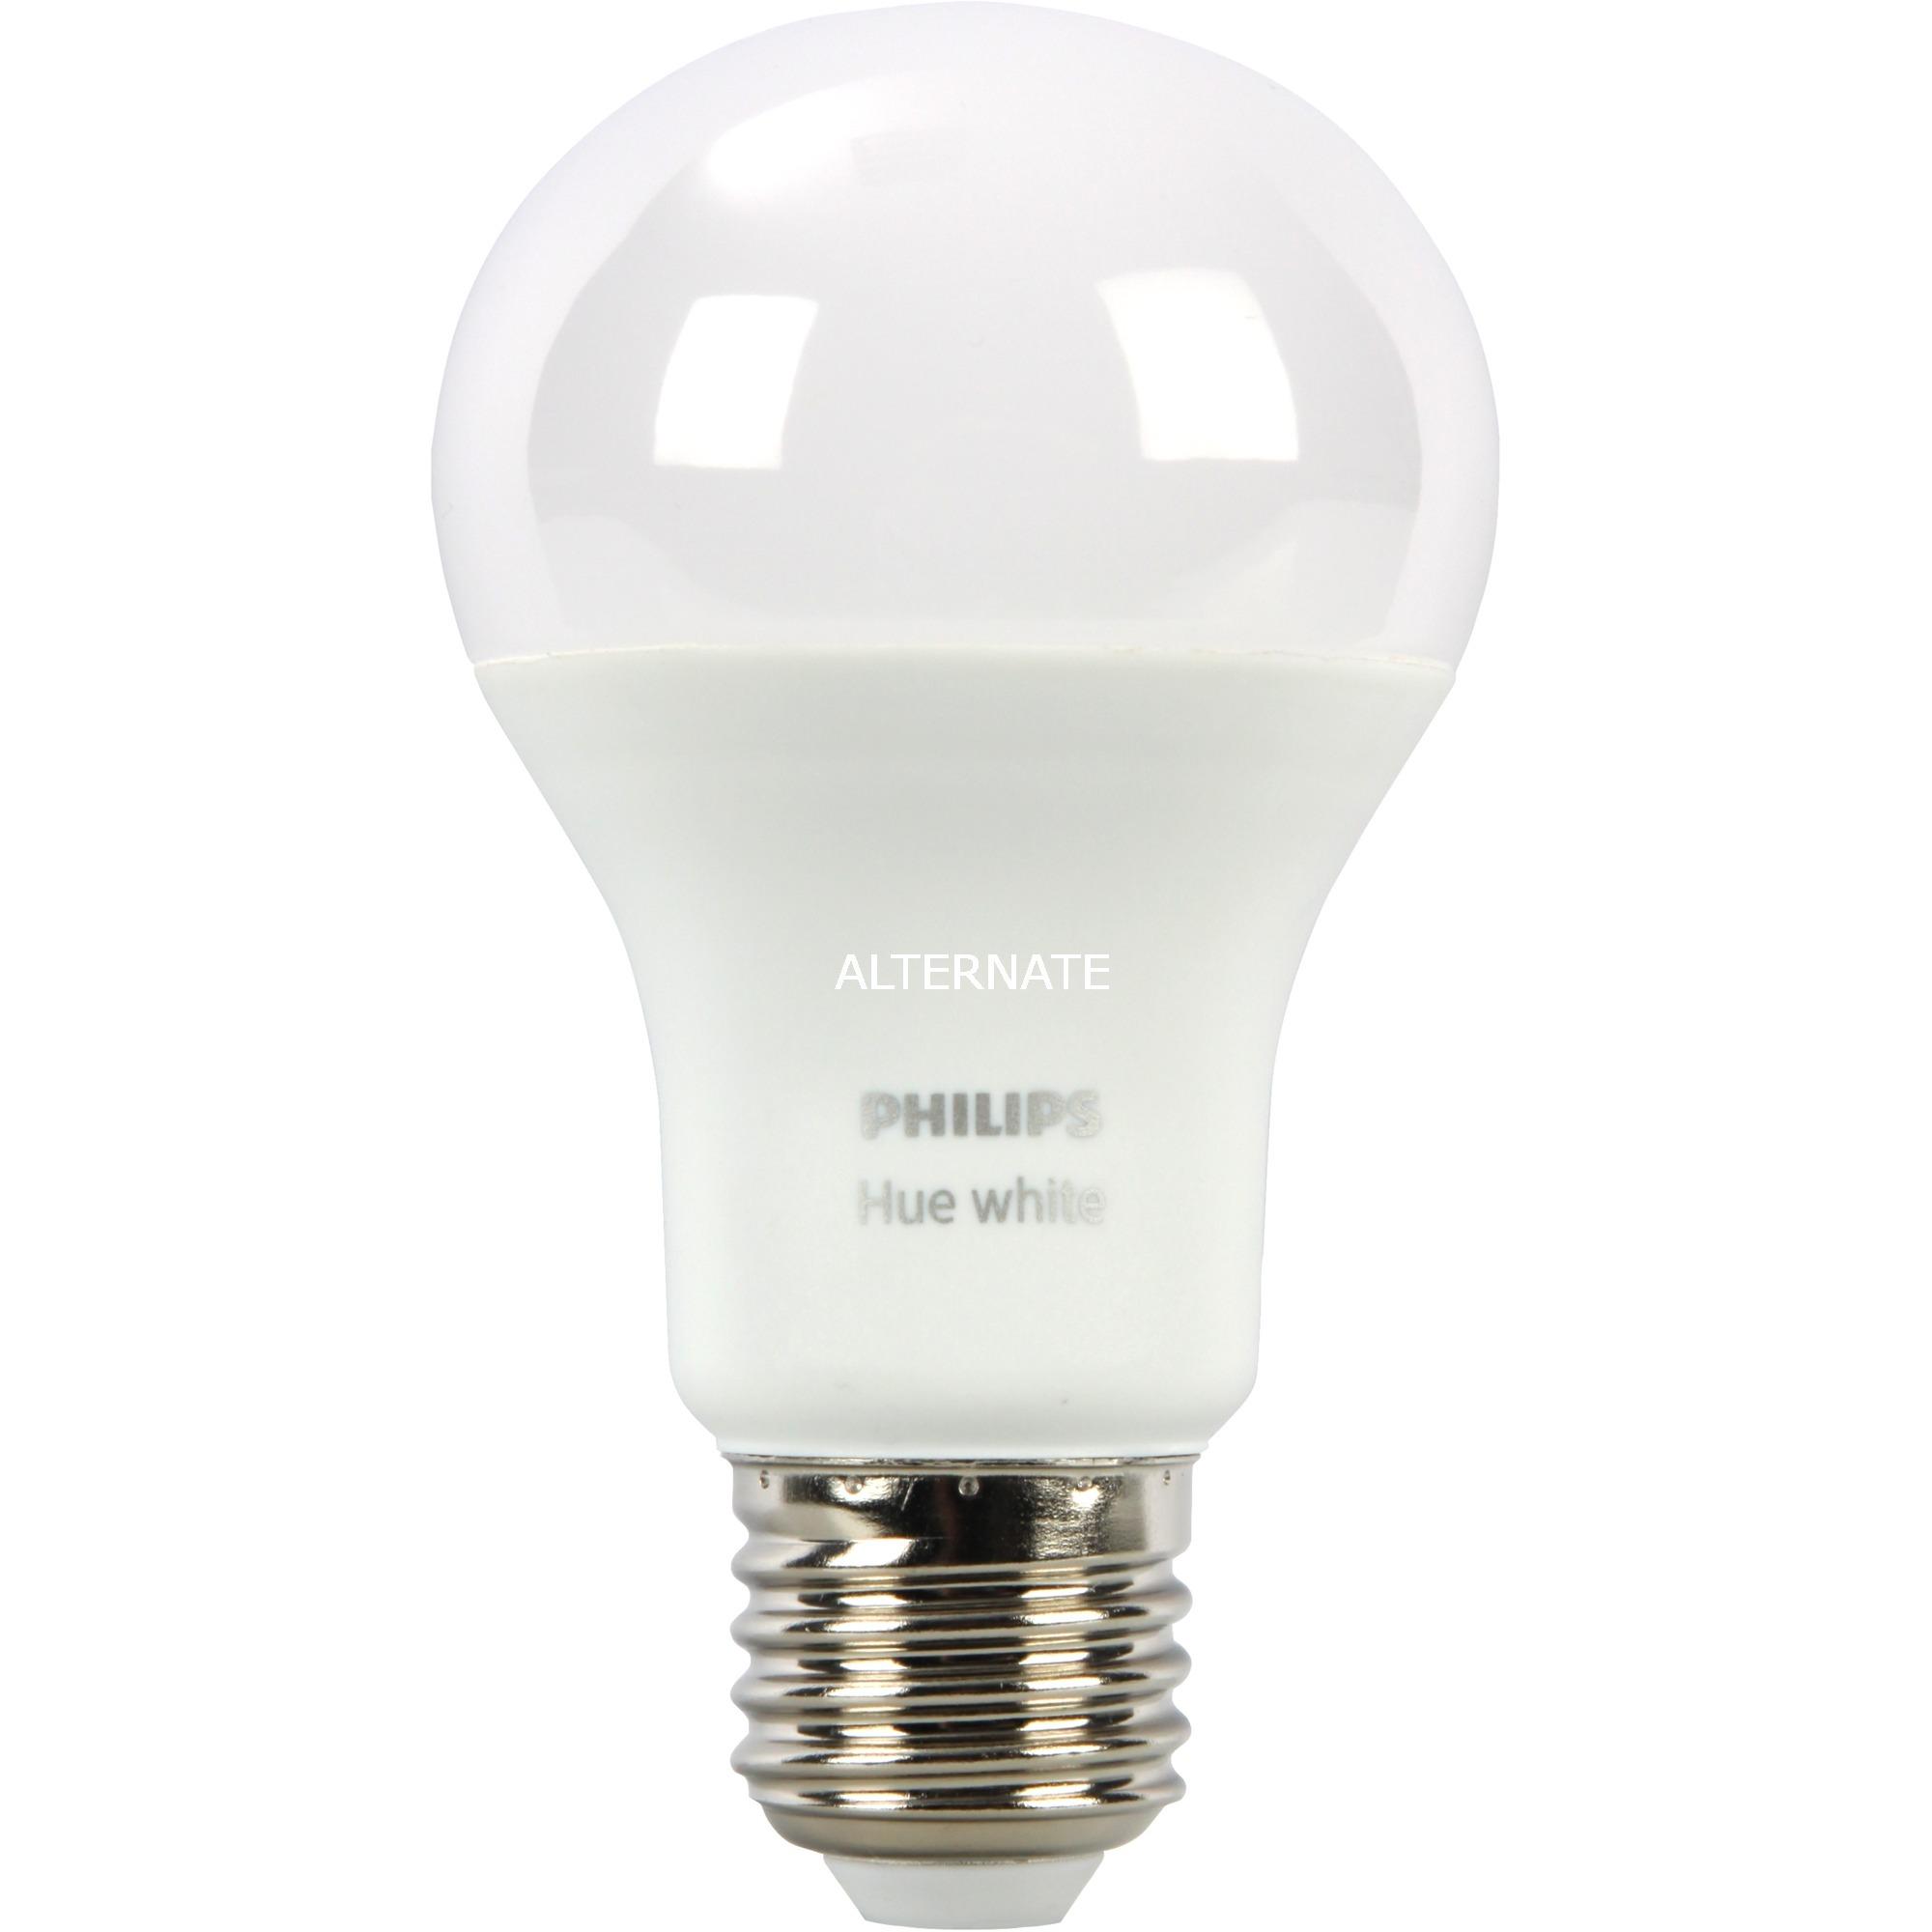 51b67880d14 Philips 1 x E27 bulb Single bulb E27, LED-lampe Philips 1 x E27 bulb Single  bulb E27, Smart pære, Hvid, LED, E27, Varm hvid, 2700 K